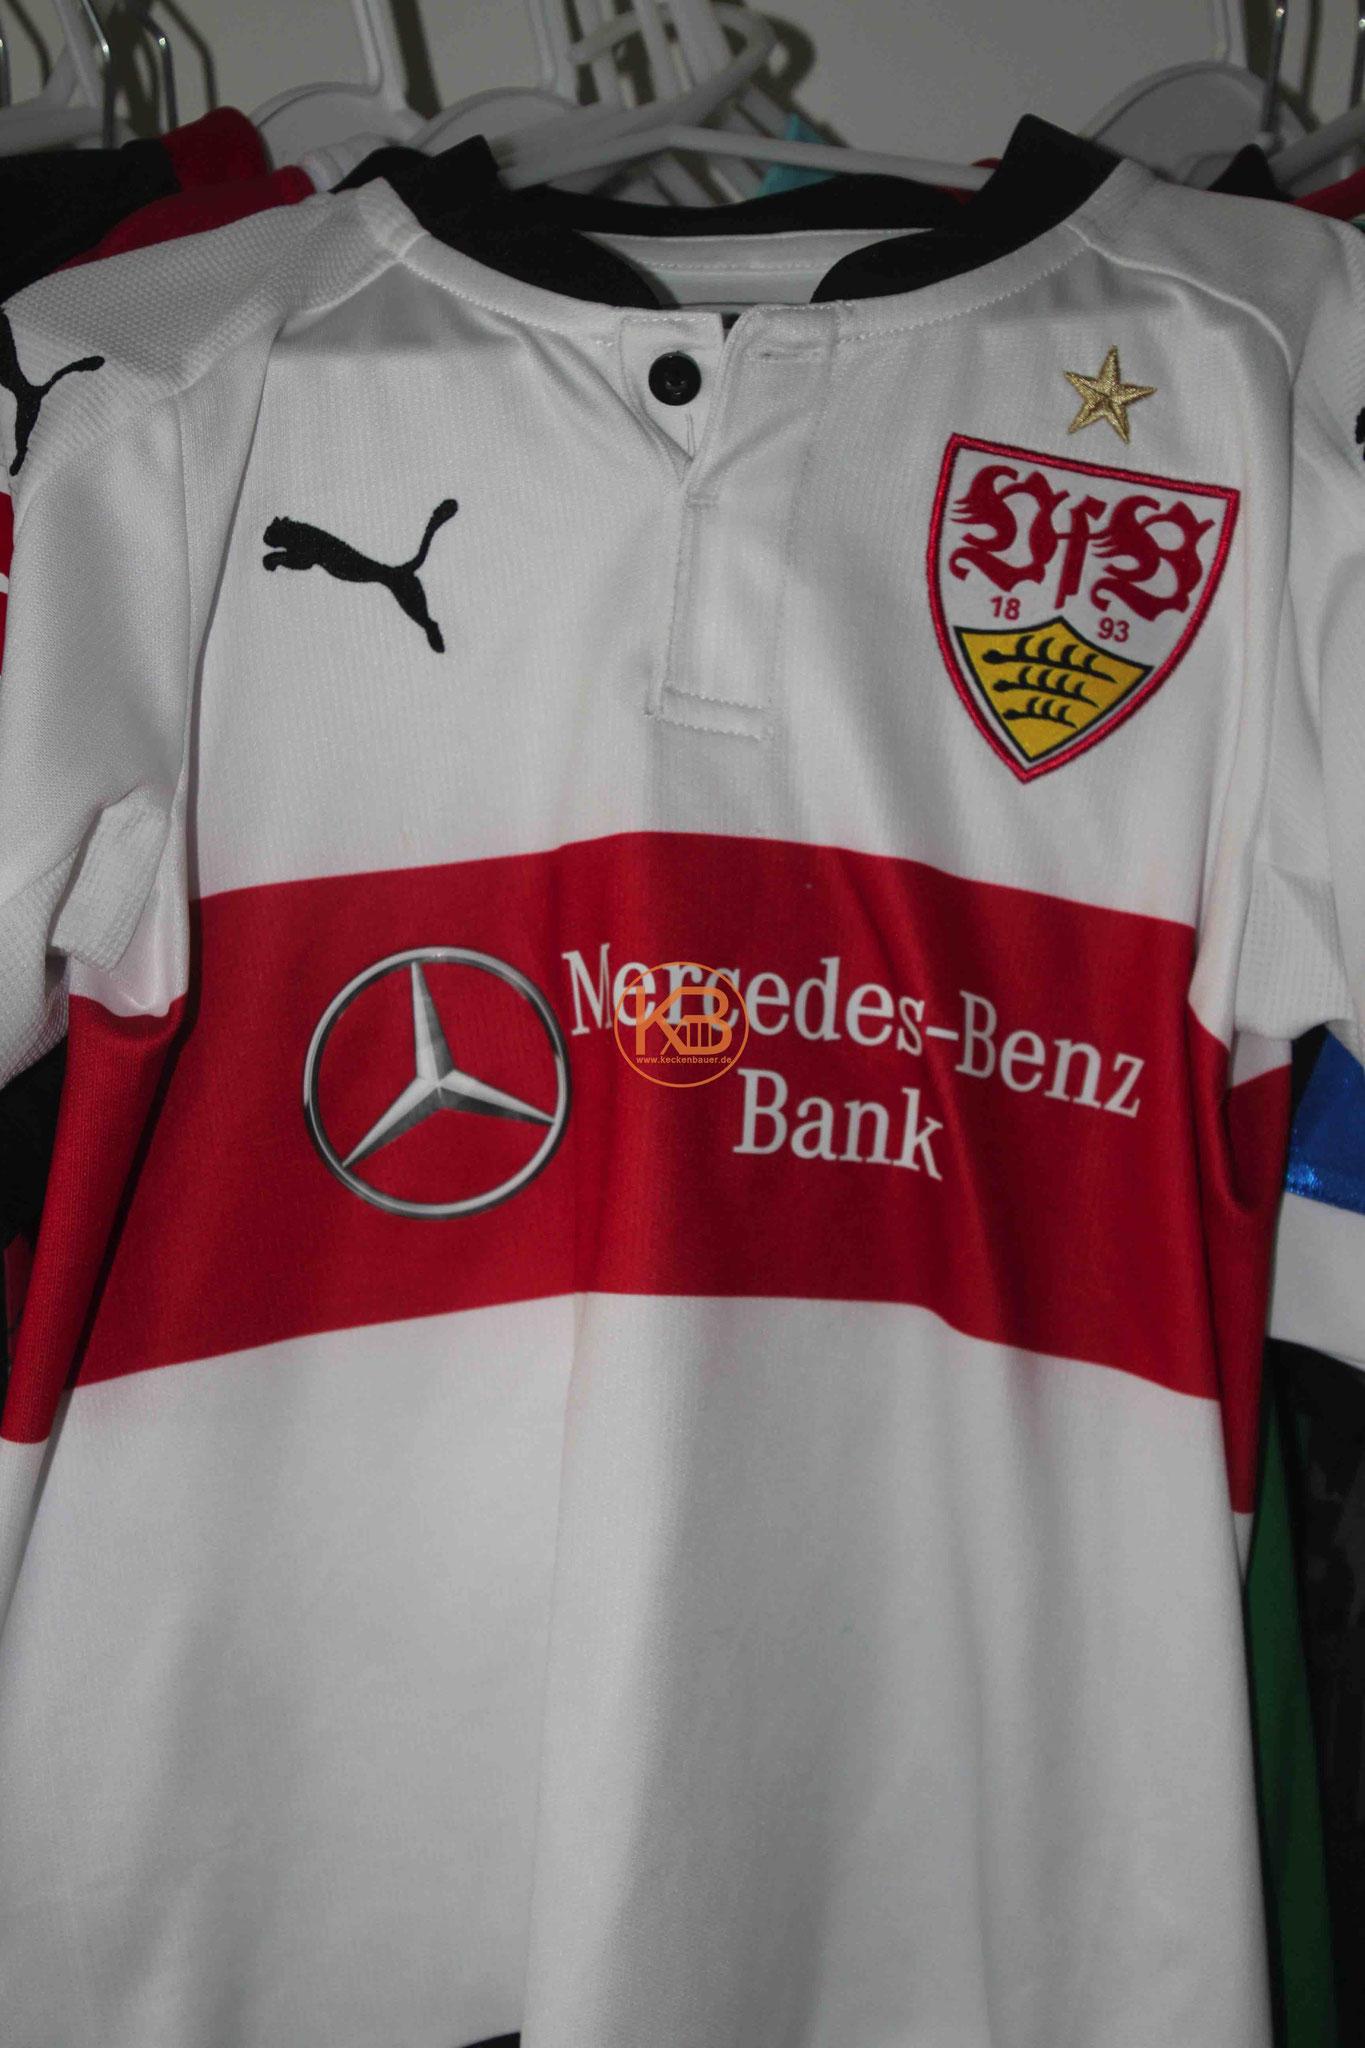 Trikot mit Eigennamen vom VFB Stuttgart mit der Nummer 18 1/2